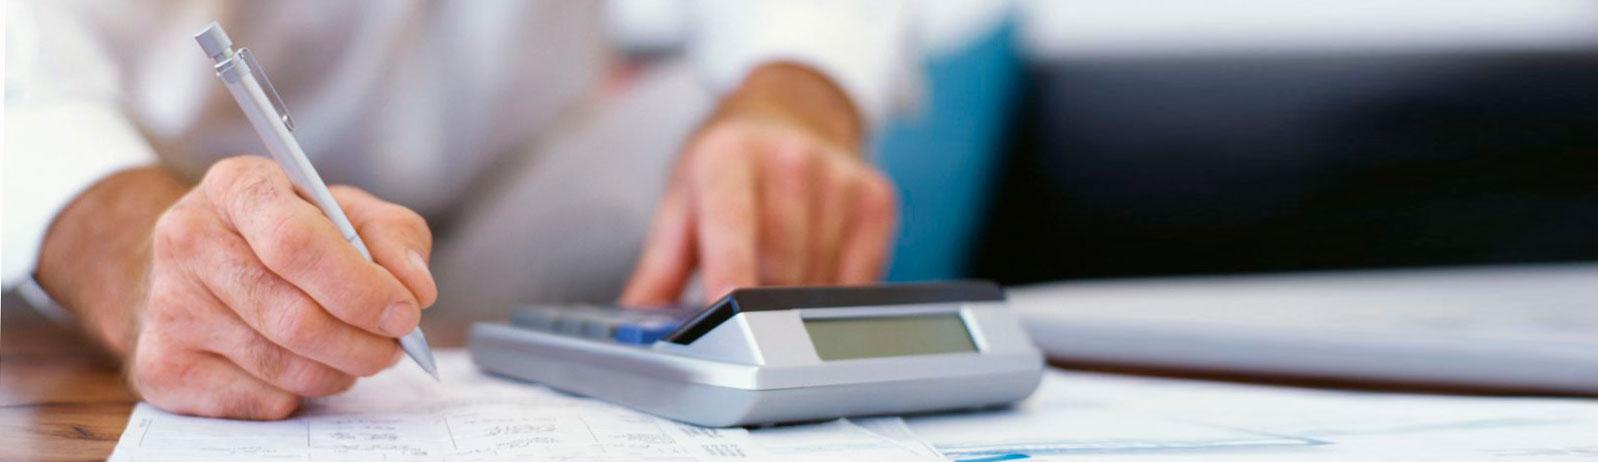 Какие документы нужны для получения вычета